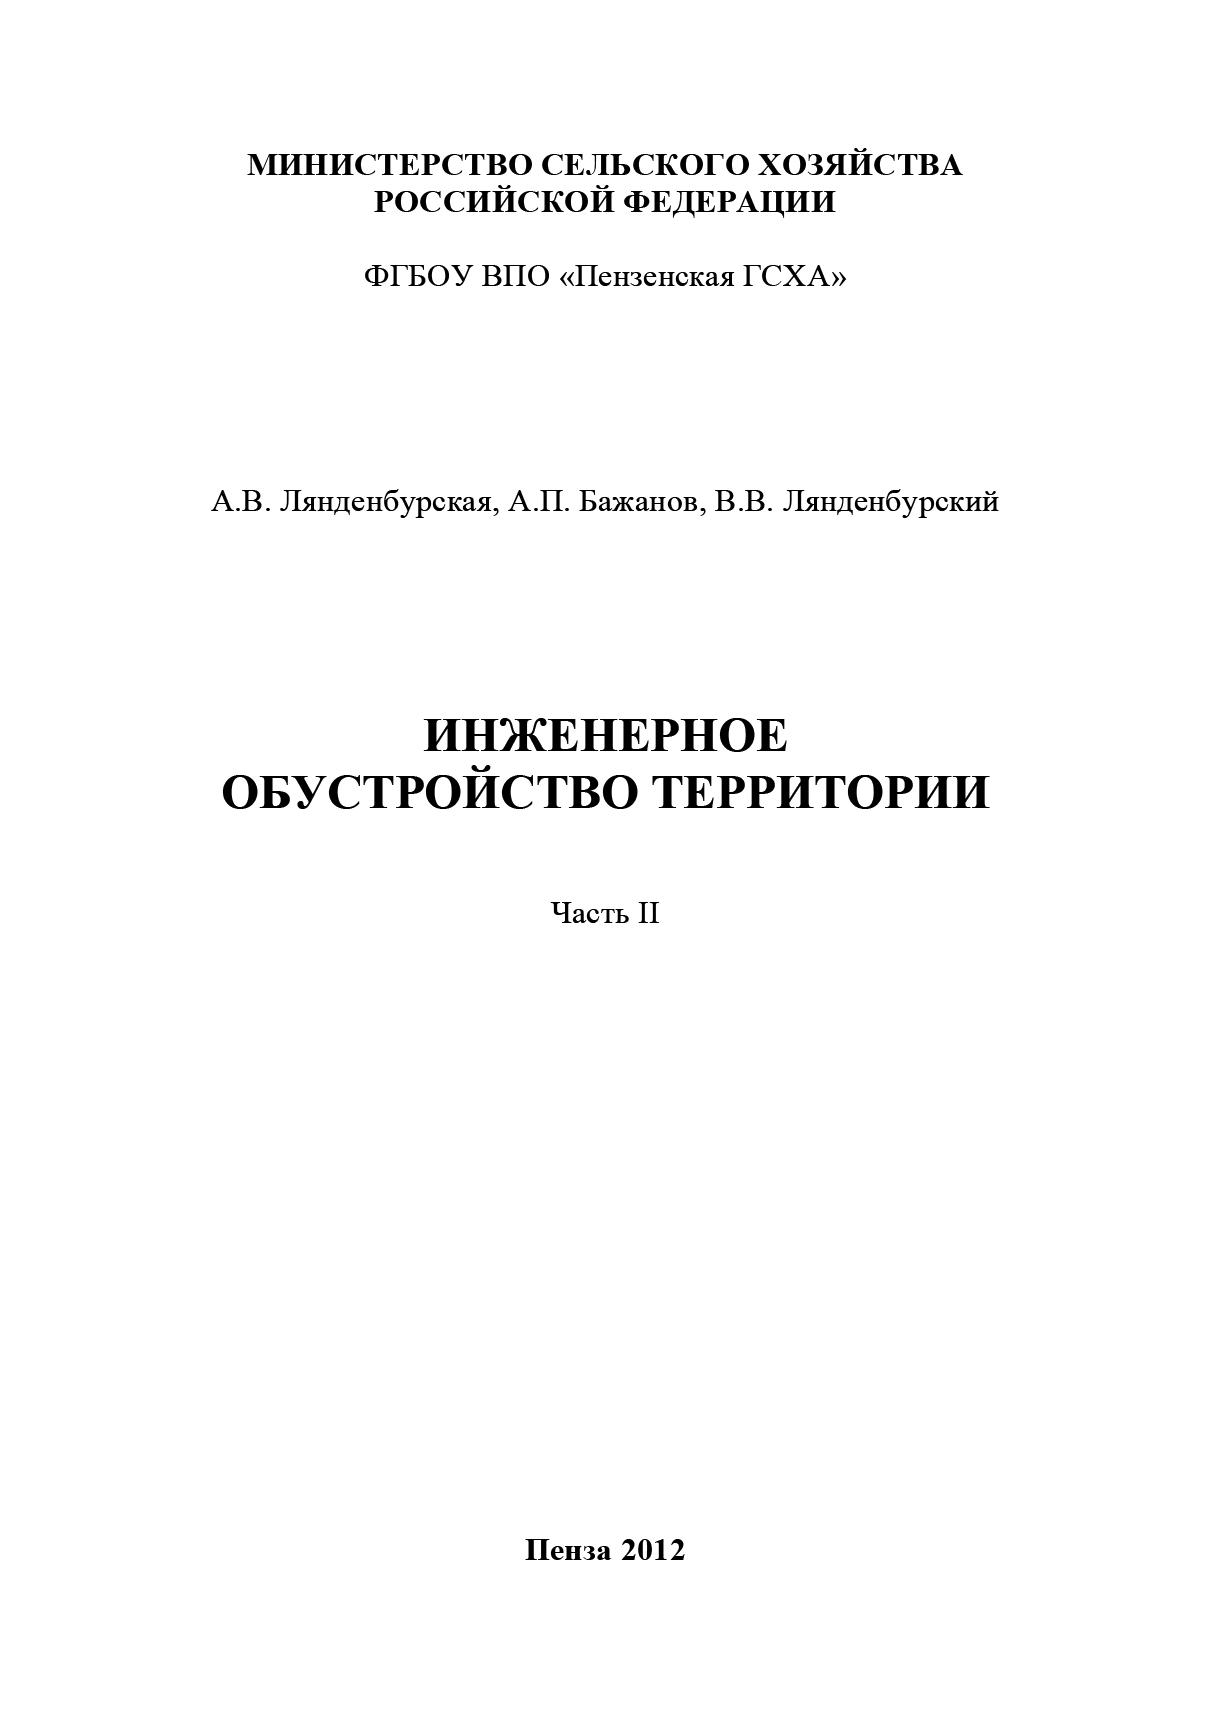 А. П. Бажанов Инженерное обустройство территории. Часть II